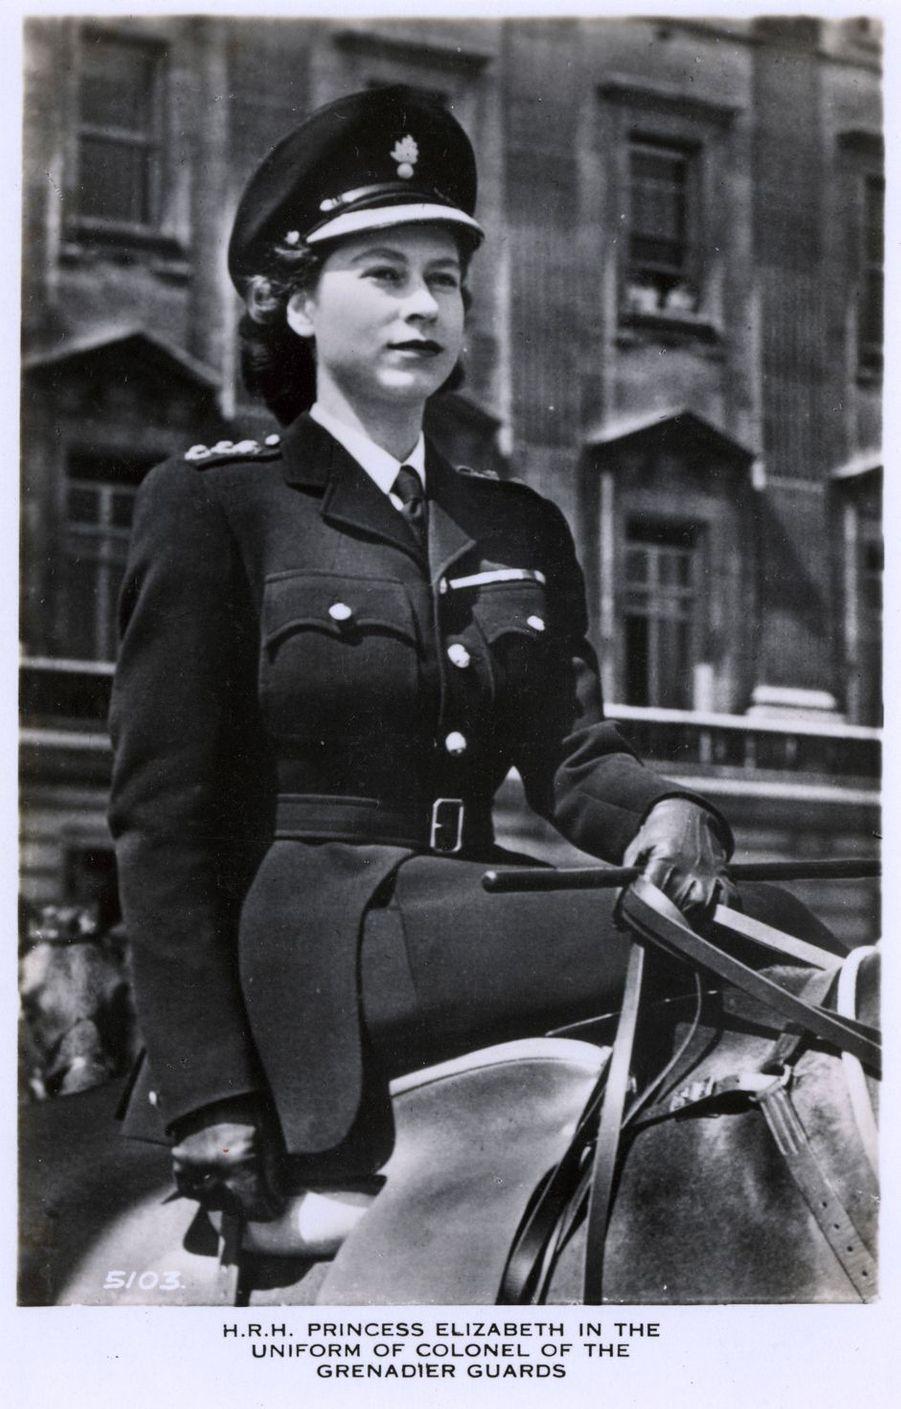 La princesse Elizabeth d'Angleterre (futur reine Elizabeth II), dans les années 1940